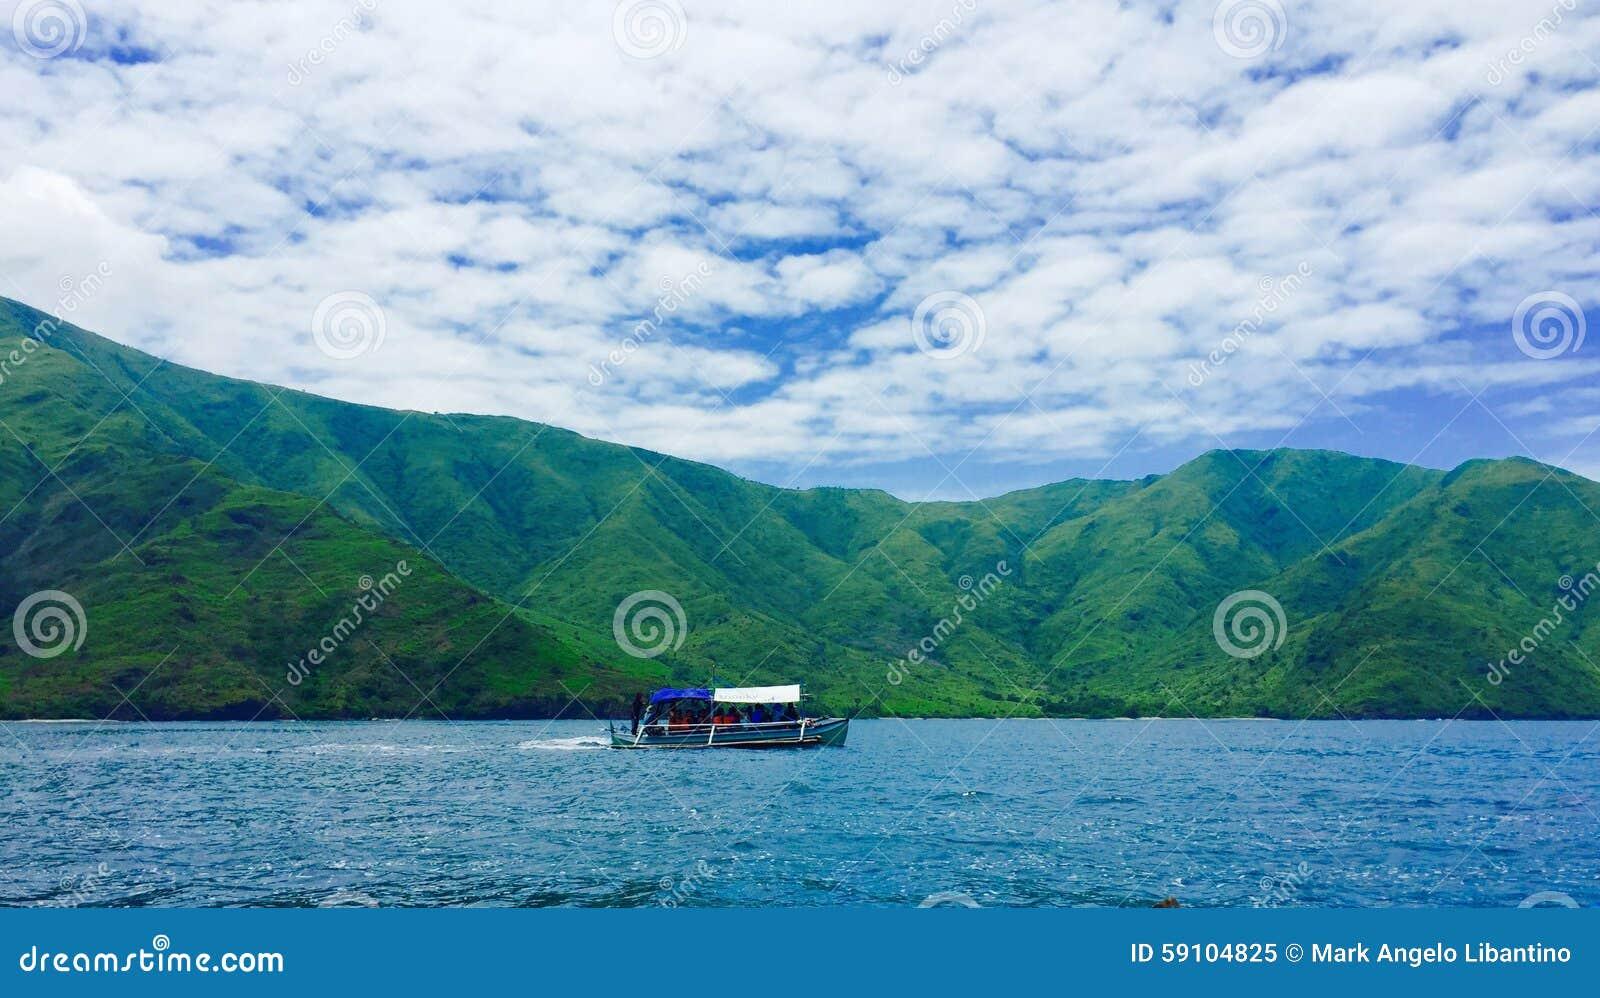 山和海洋4